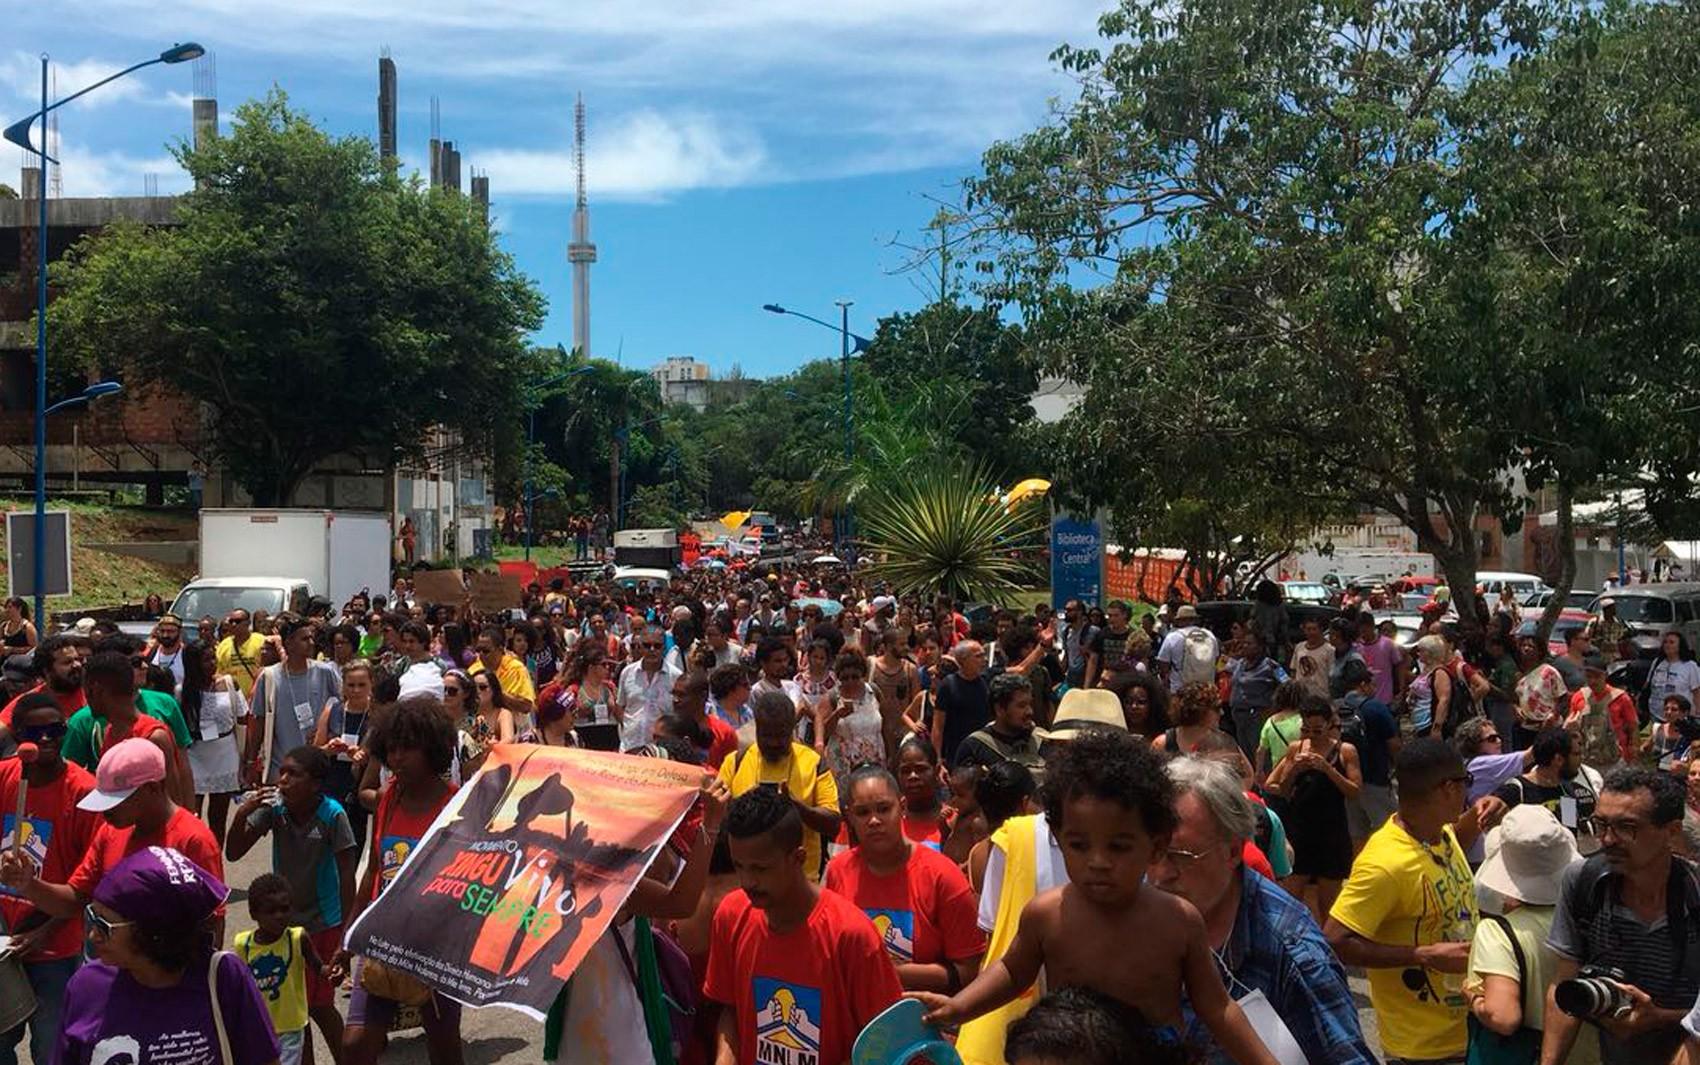 Grupo faz ato no Fórum Social Mundial, em Salvador, após assassinato da vereadora Marielle Franco